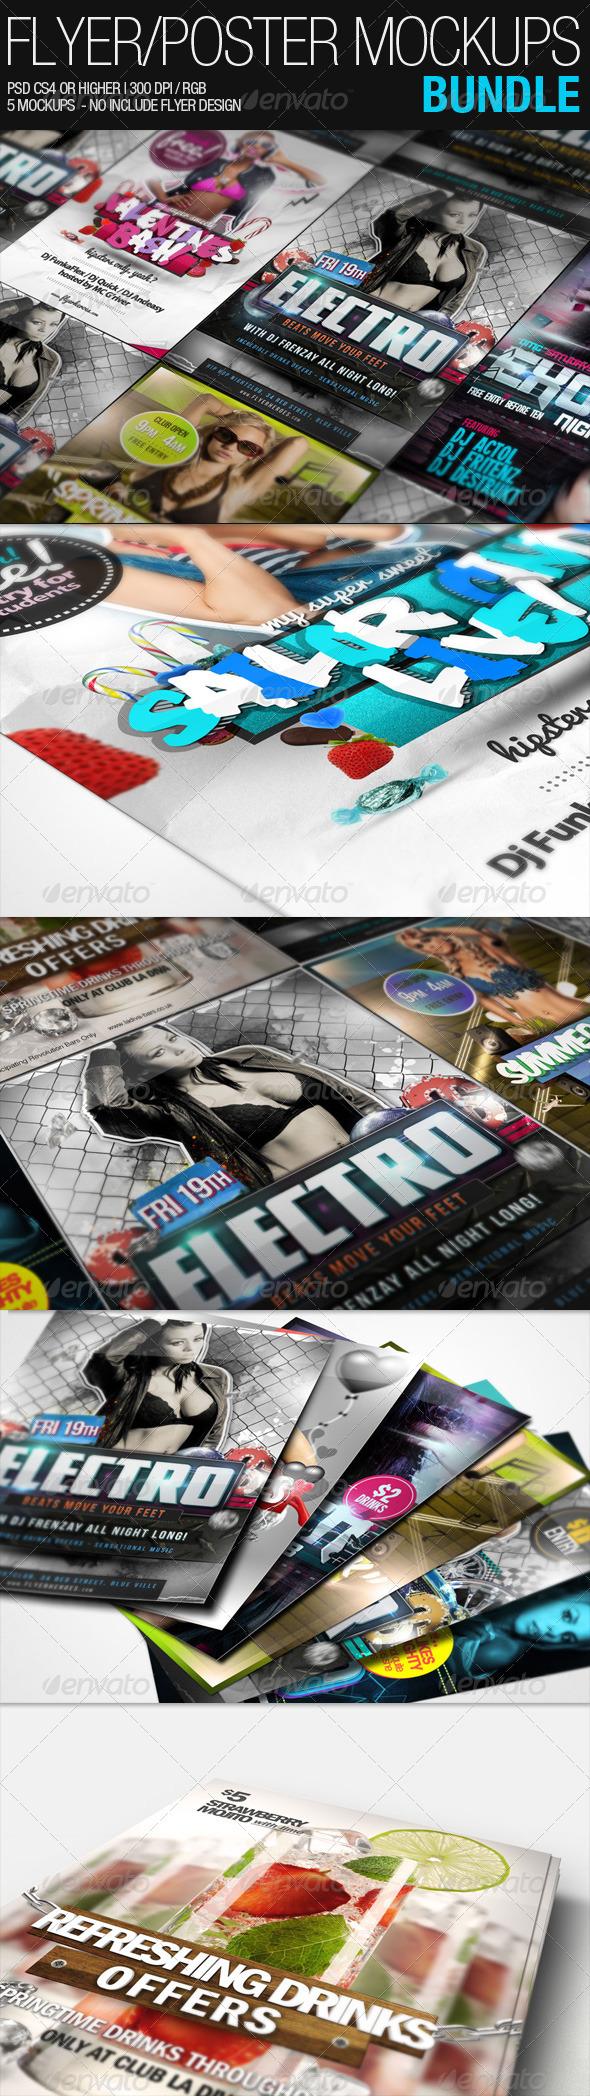 GraphicRiver Flyer Poster Mockups Bundle 1395844